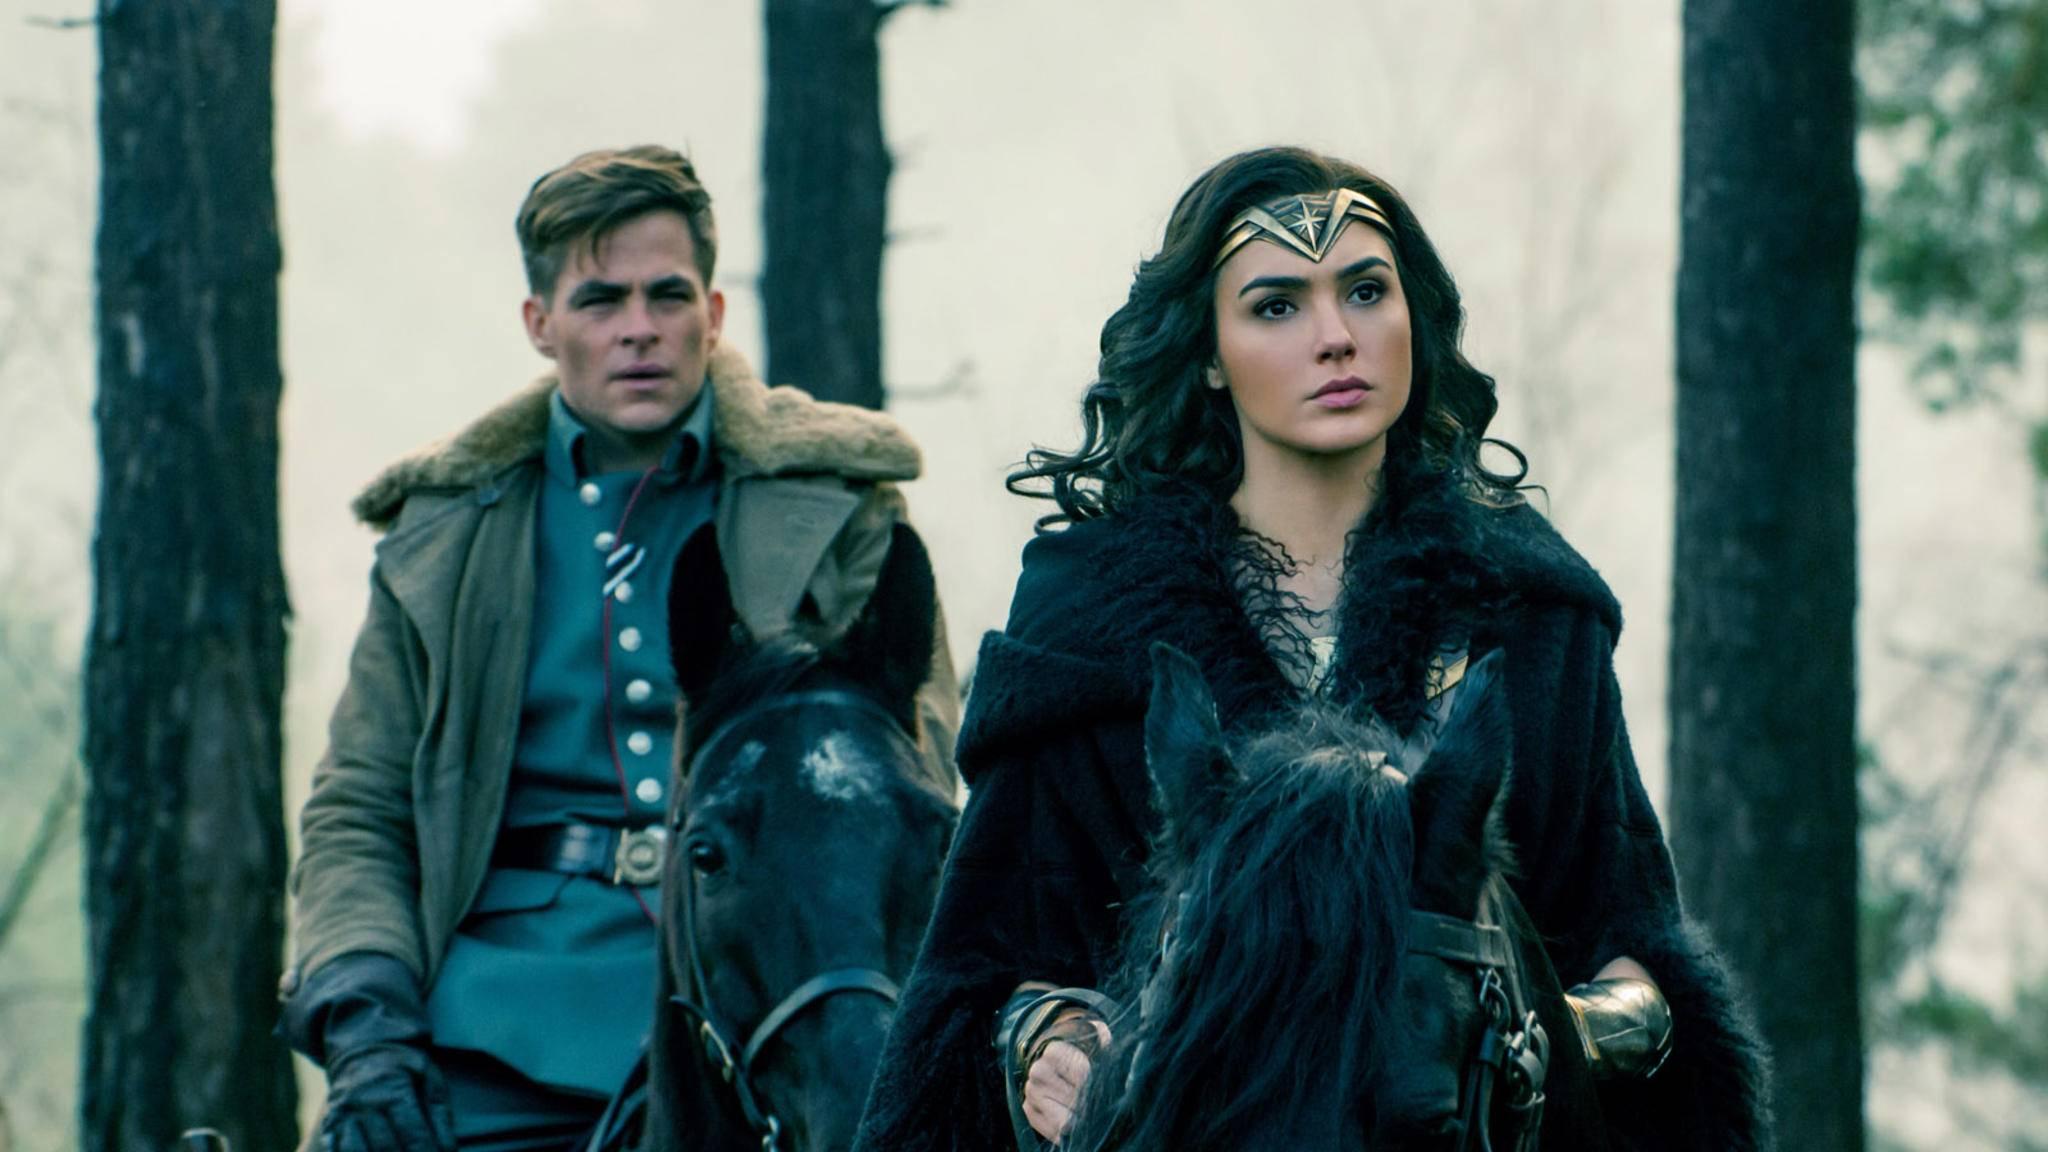 """Wiedersehen macht Freude. Das gilt offenbar auch für """"Wonder Woman 2""""."""